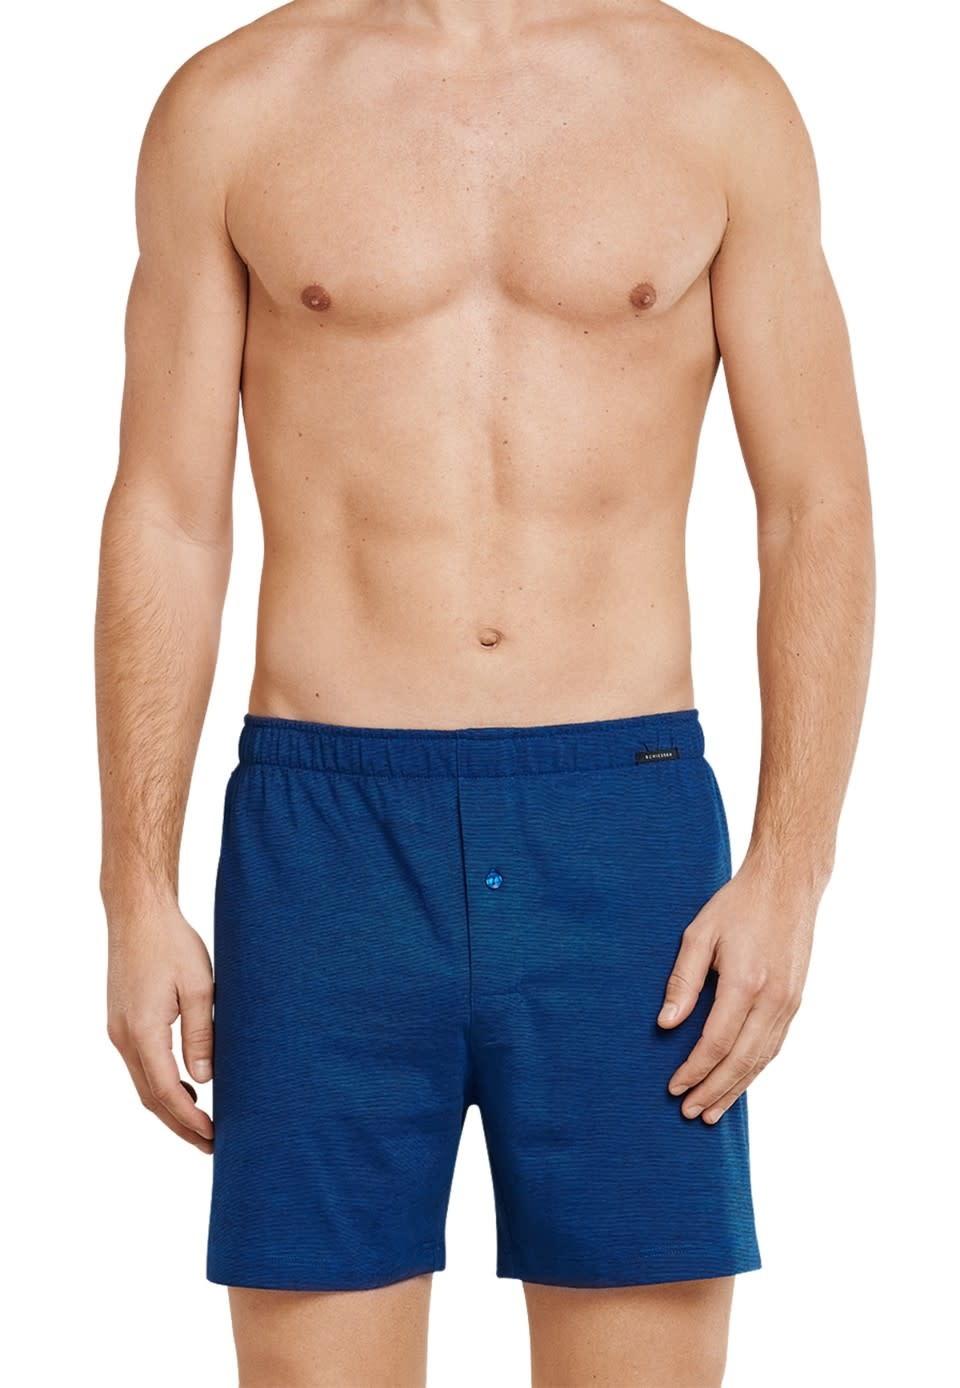 Boxershort 2-Pack 168446 - blauw/zwart-2